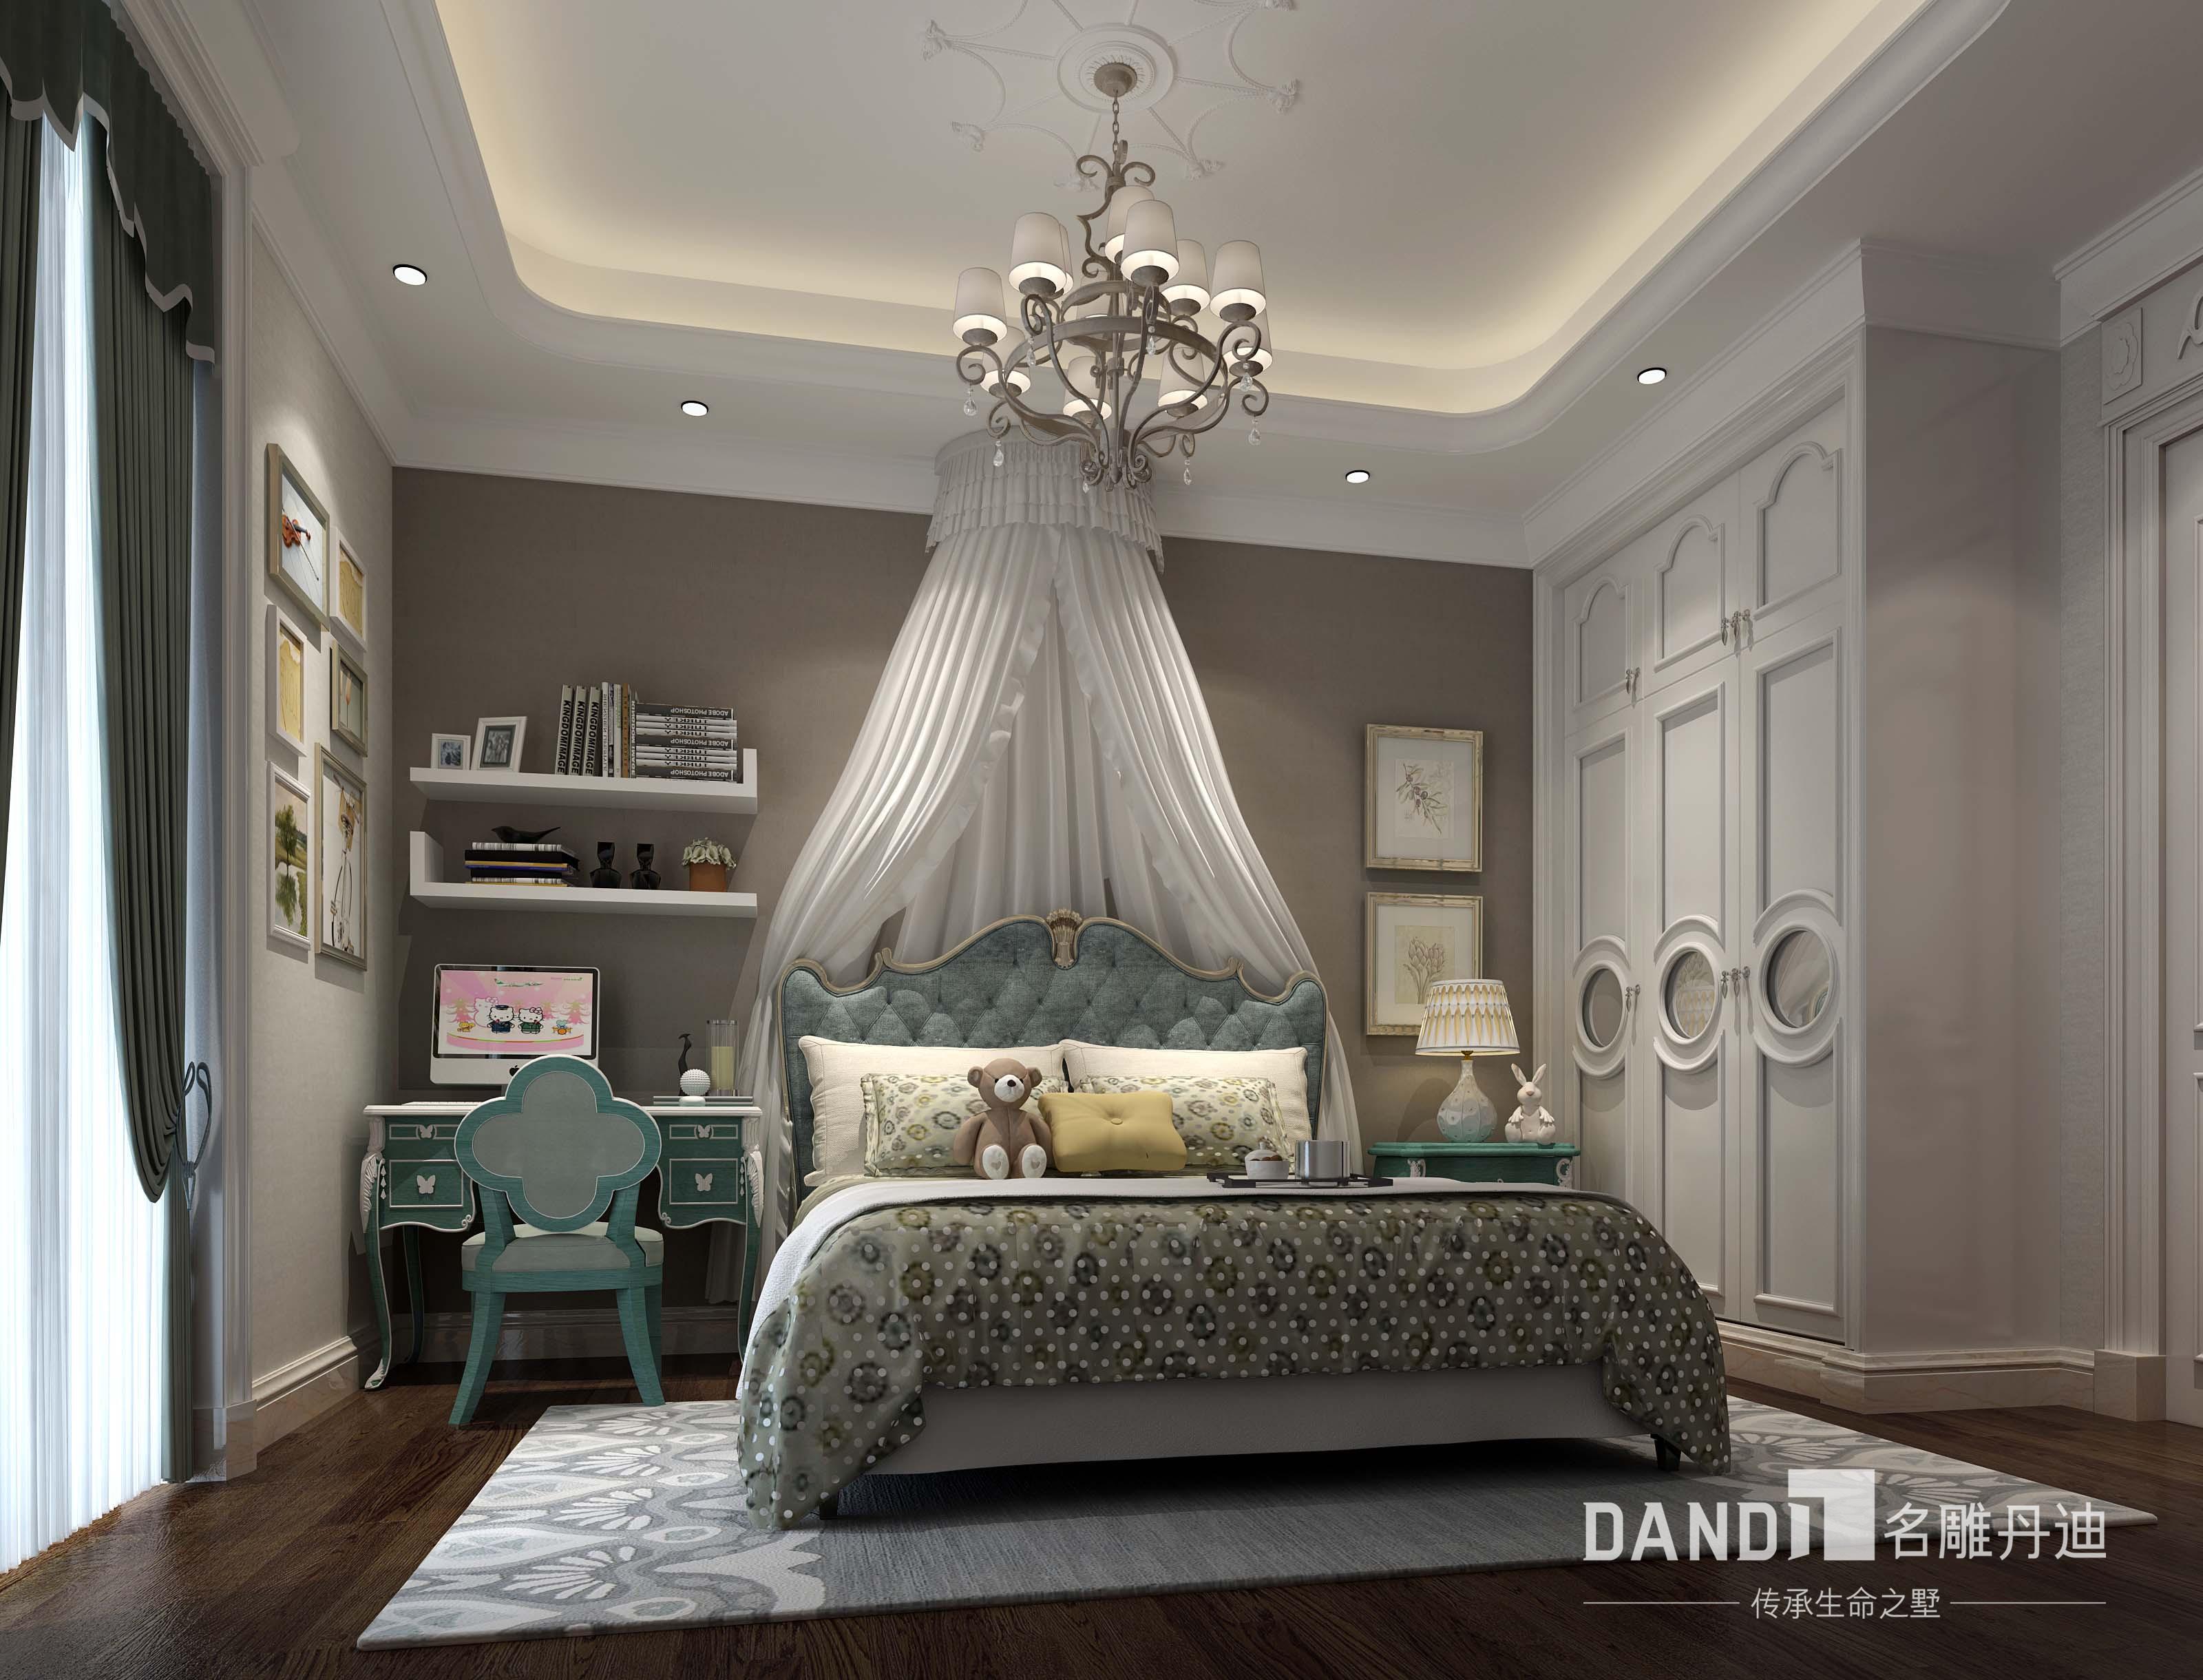 法式 欧式 卧室图片来自名雕丹迪在君临海域法式风格300平别墅的分享